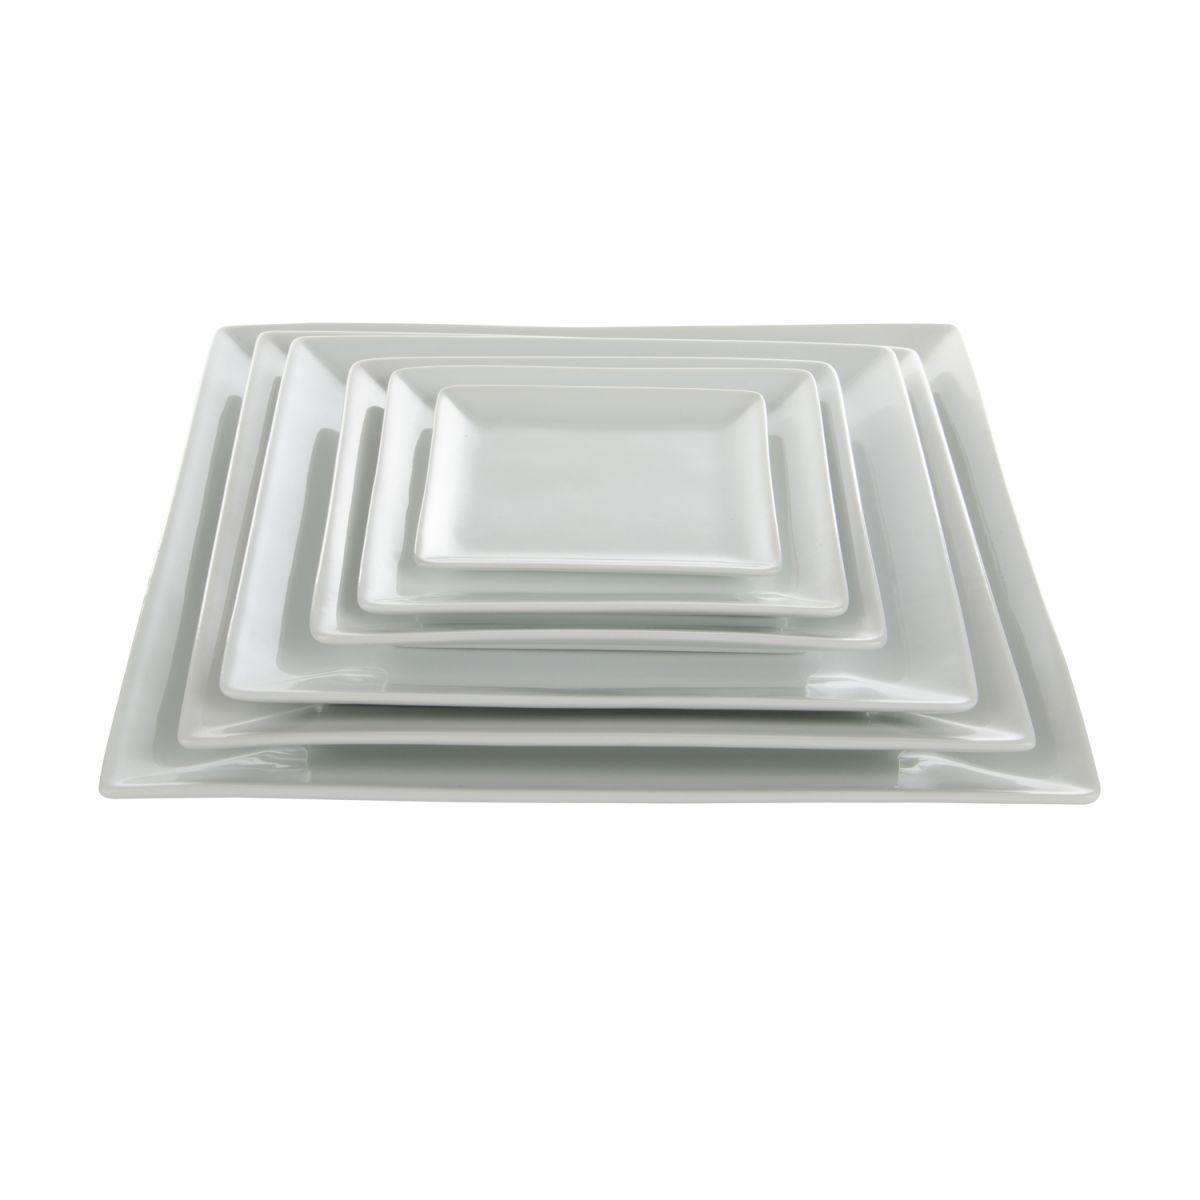 tray 19 x 19 porcelainbox 6